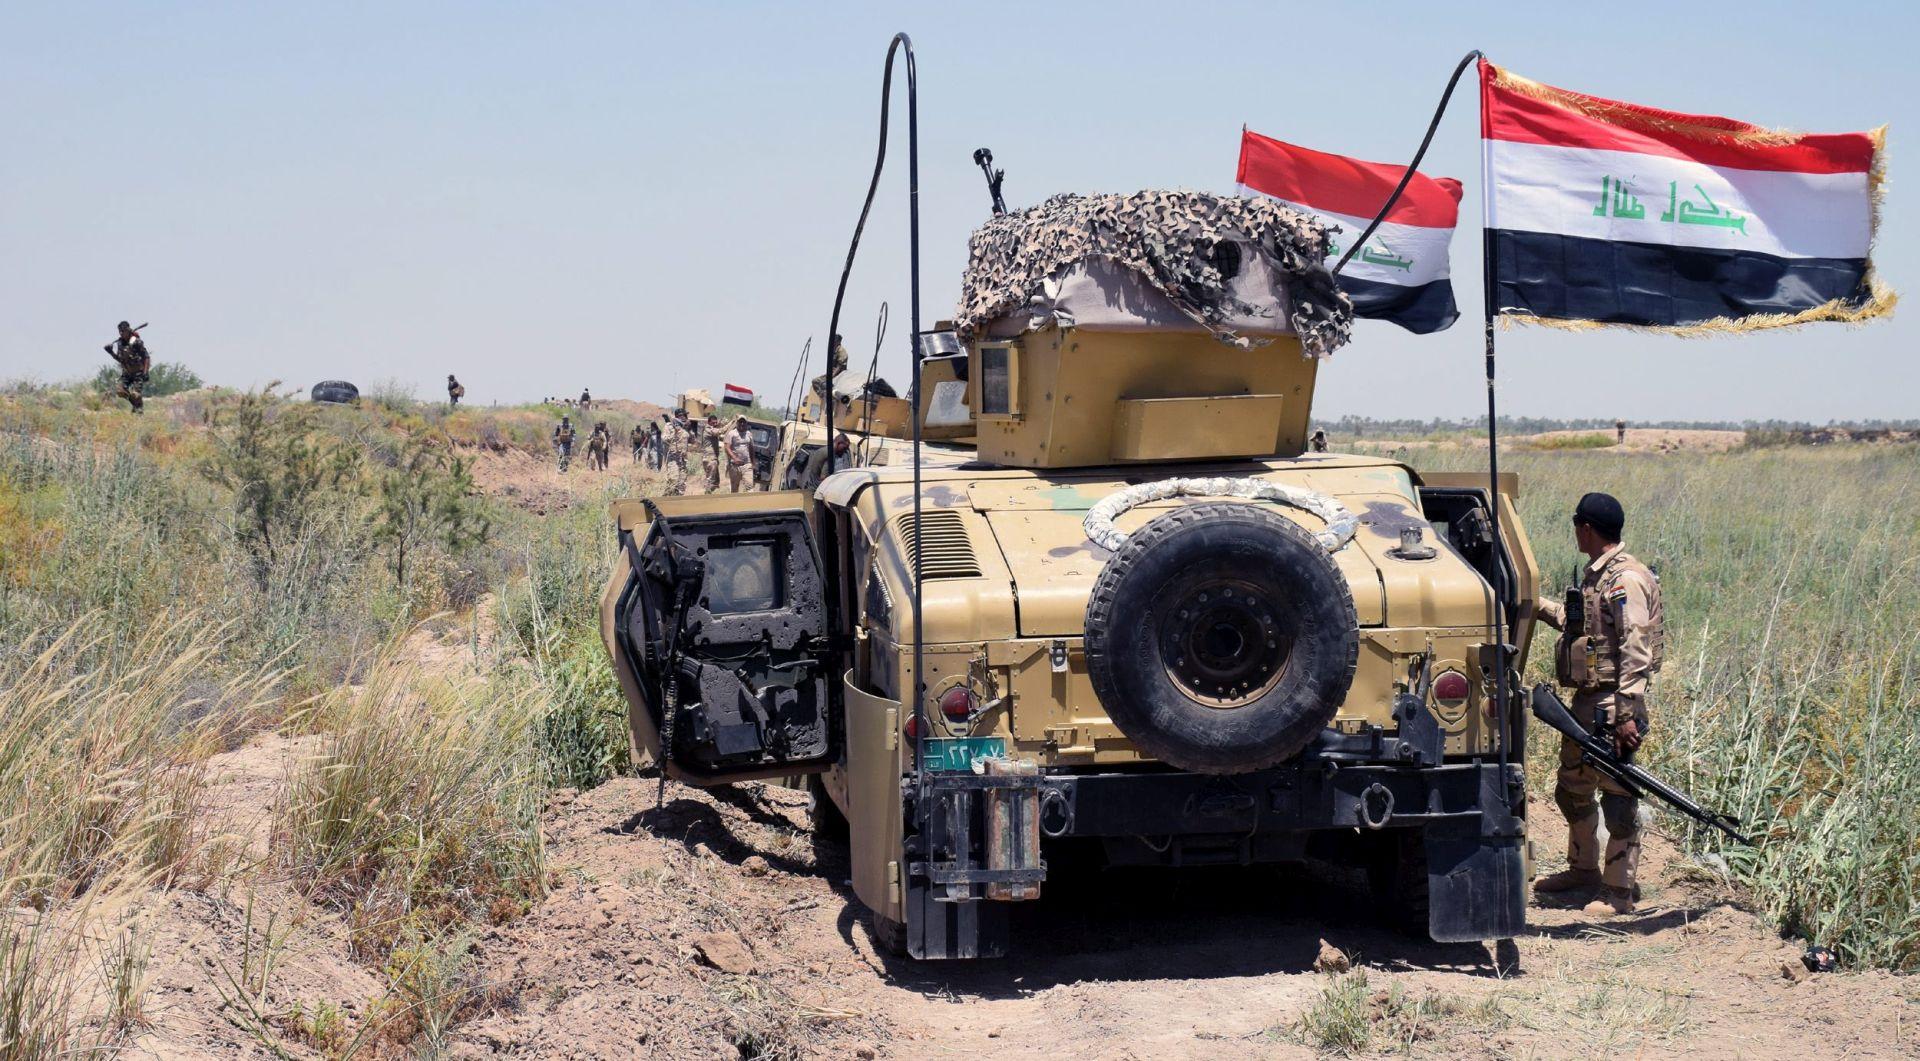 Protudžihadističke snage napreduju u Siriji i u Iraku